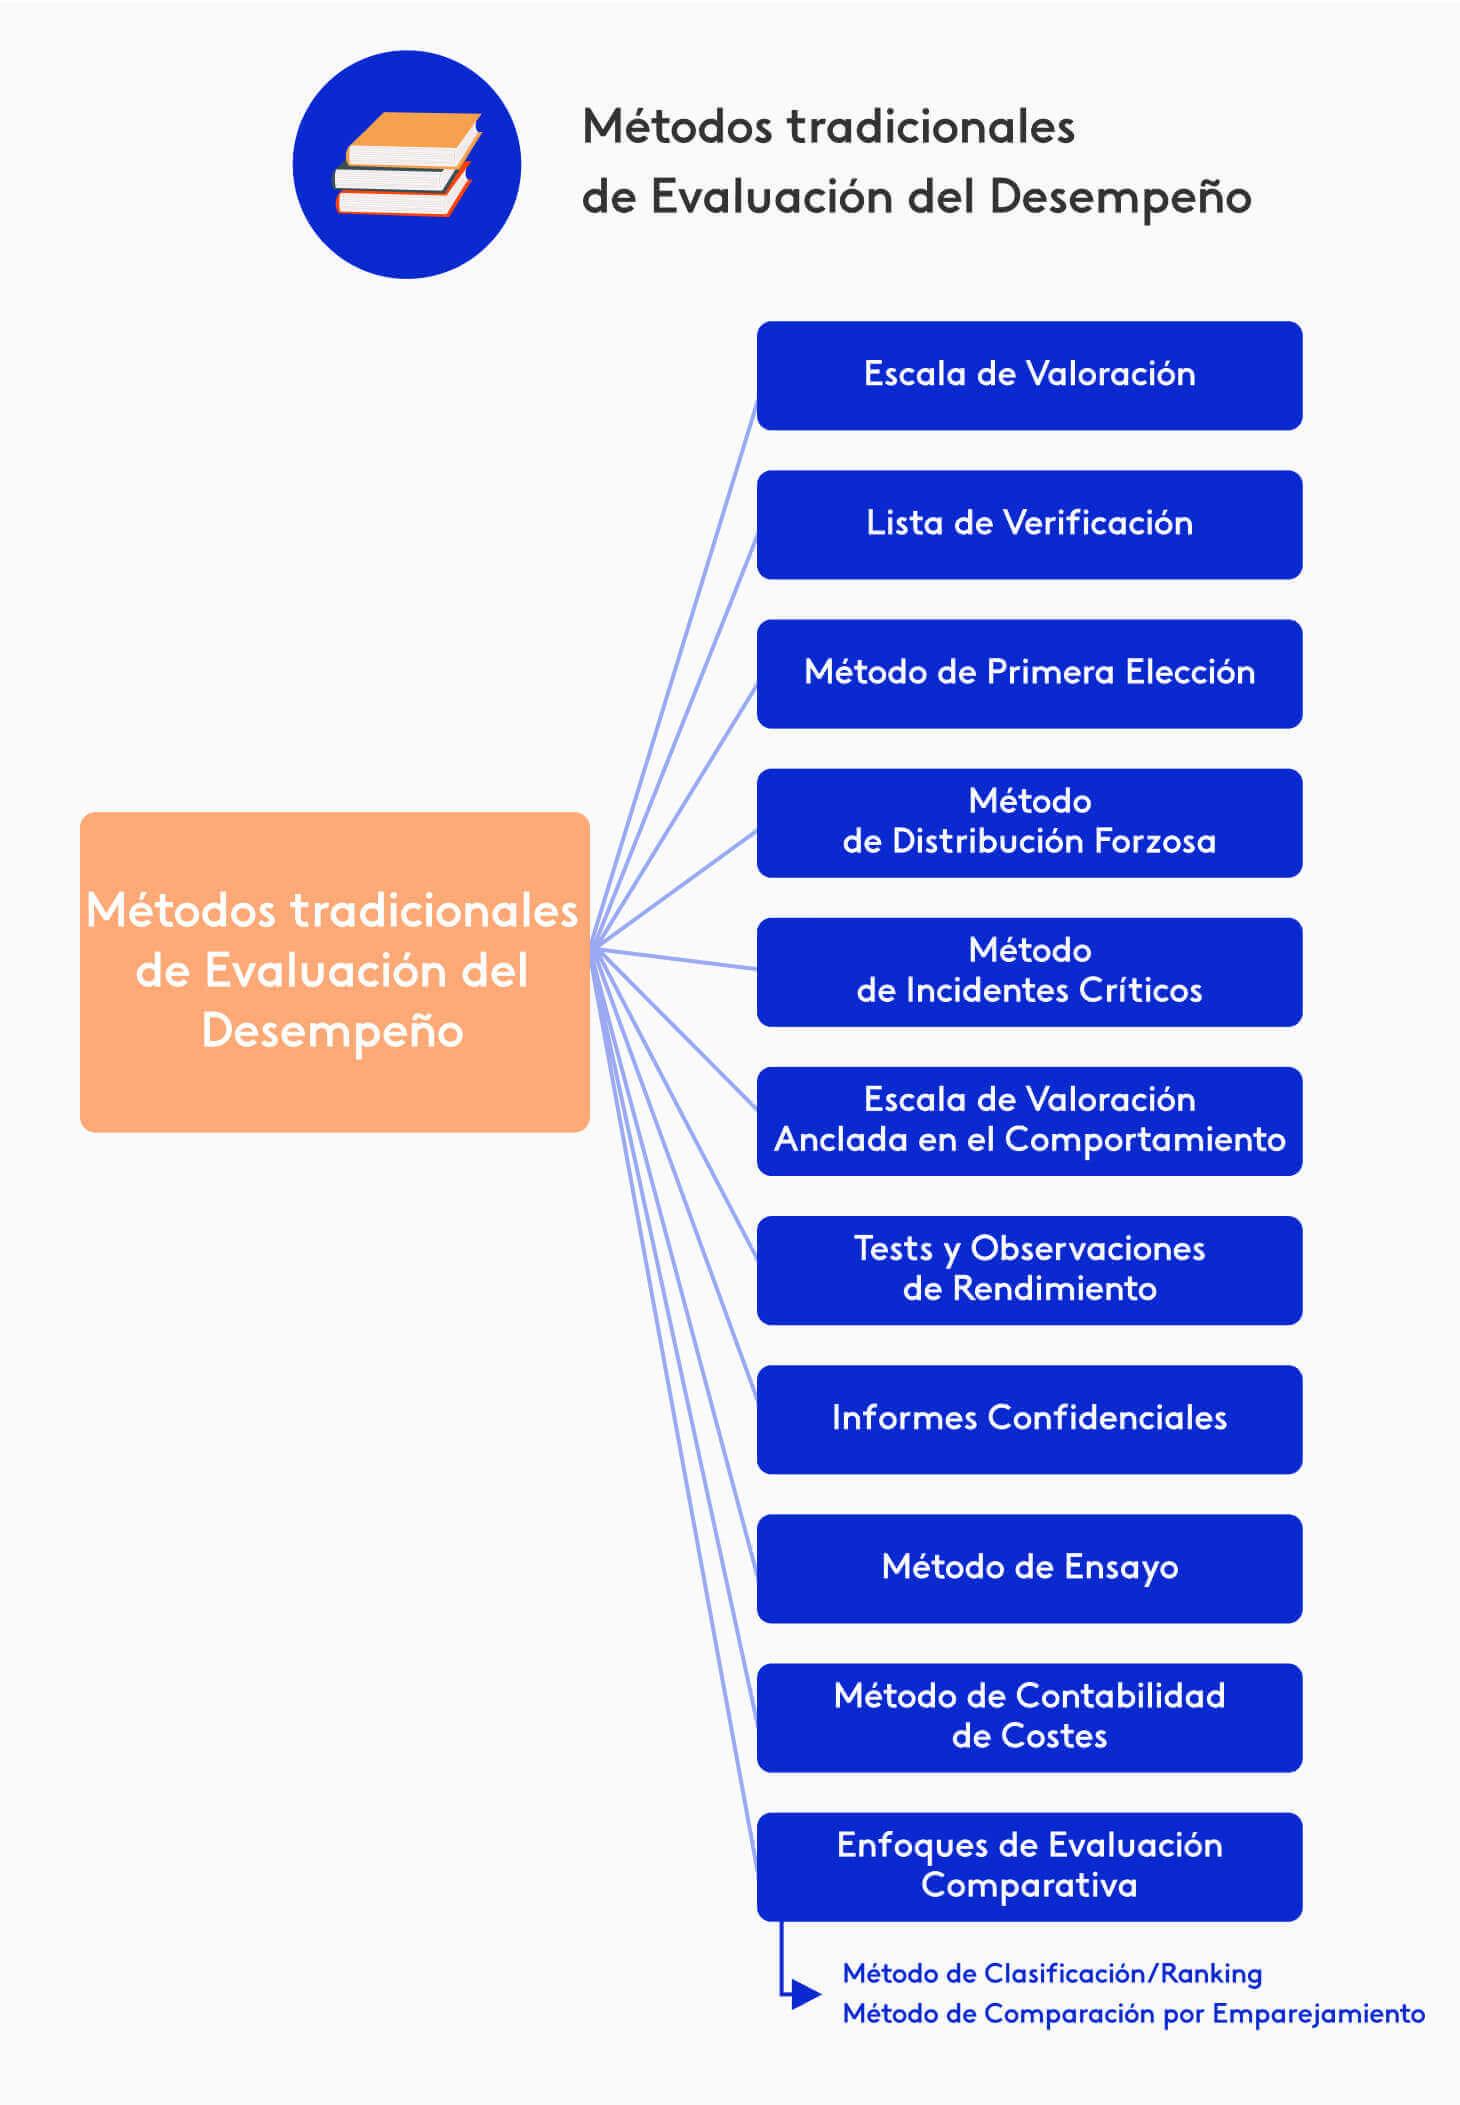 Diagrama con los métodos tradicionales de evaluación de desempeño